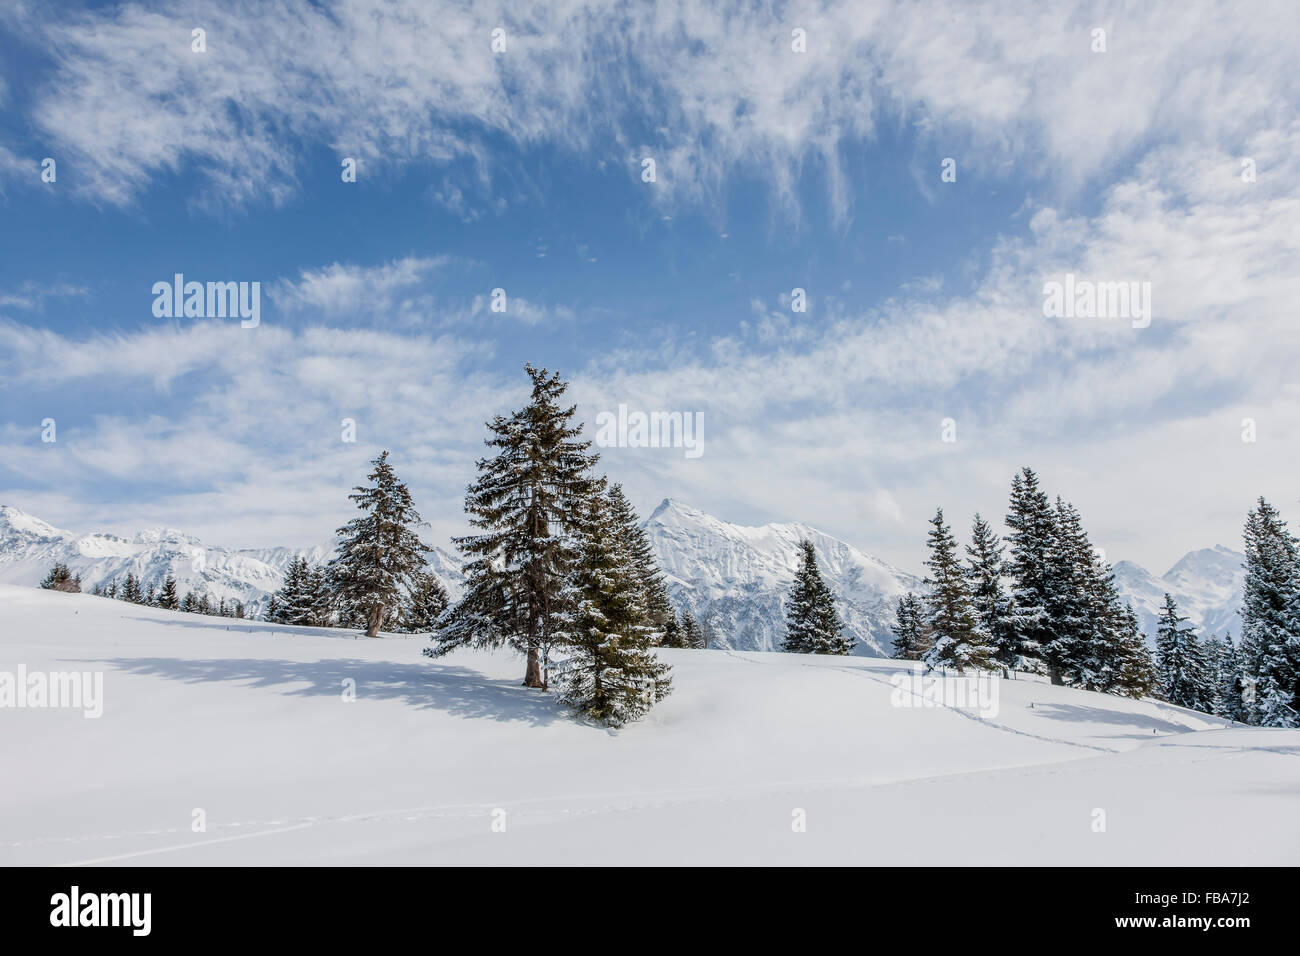 Switzerland, Lenzerheide, Spruce trees on snowy hill - Stock Image